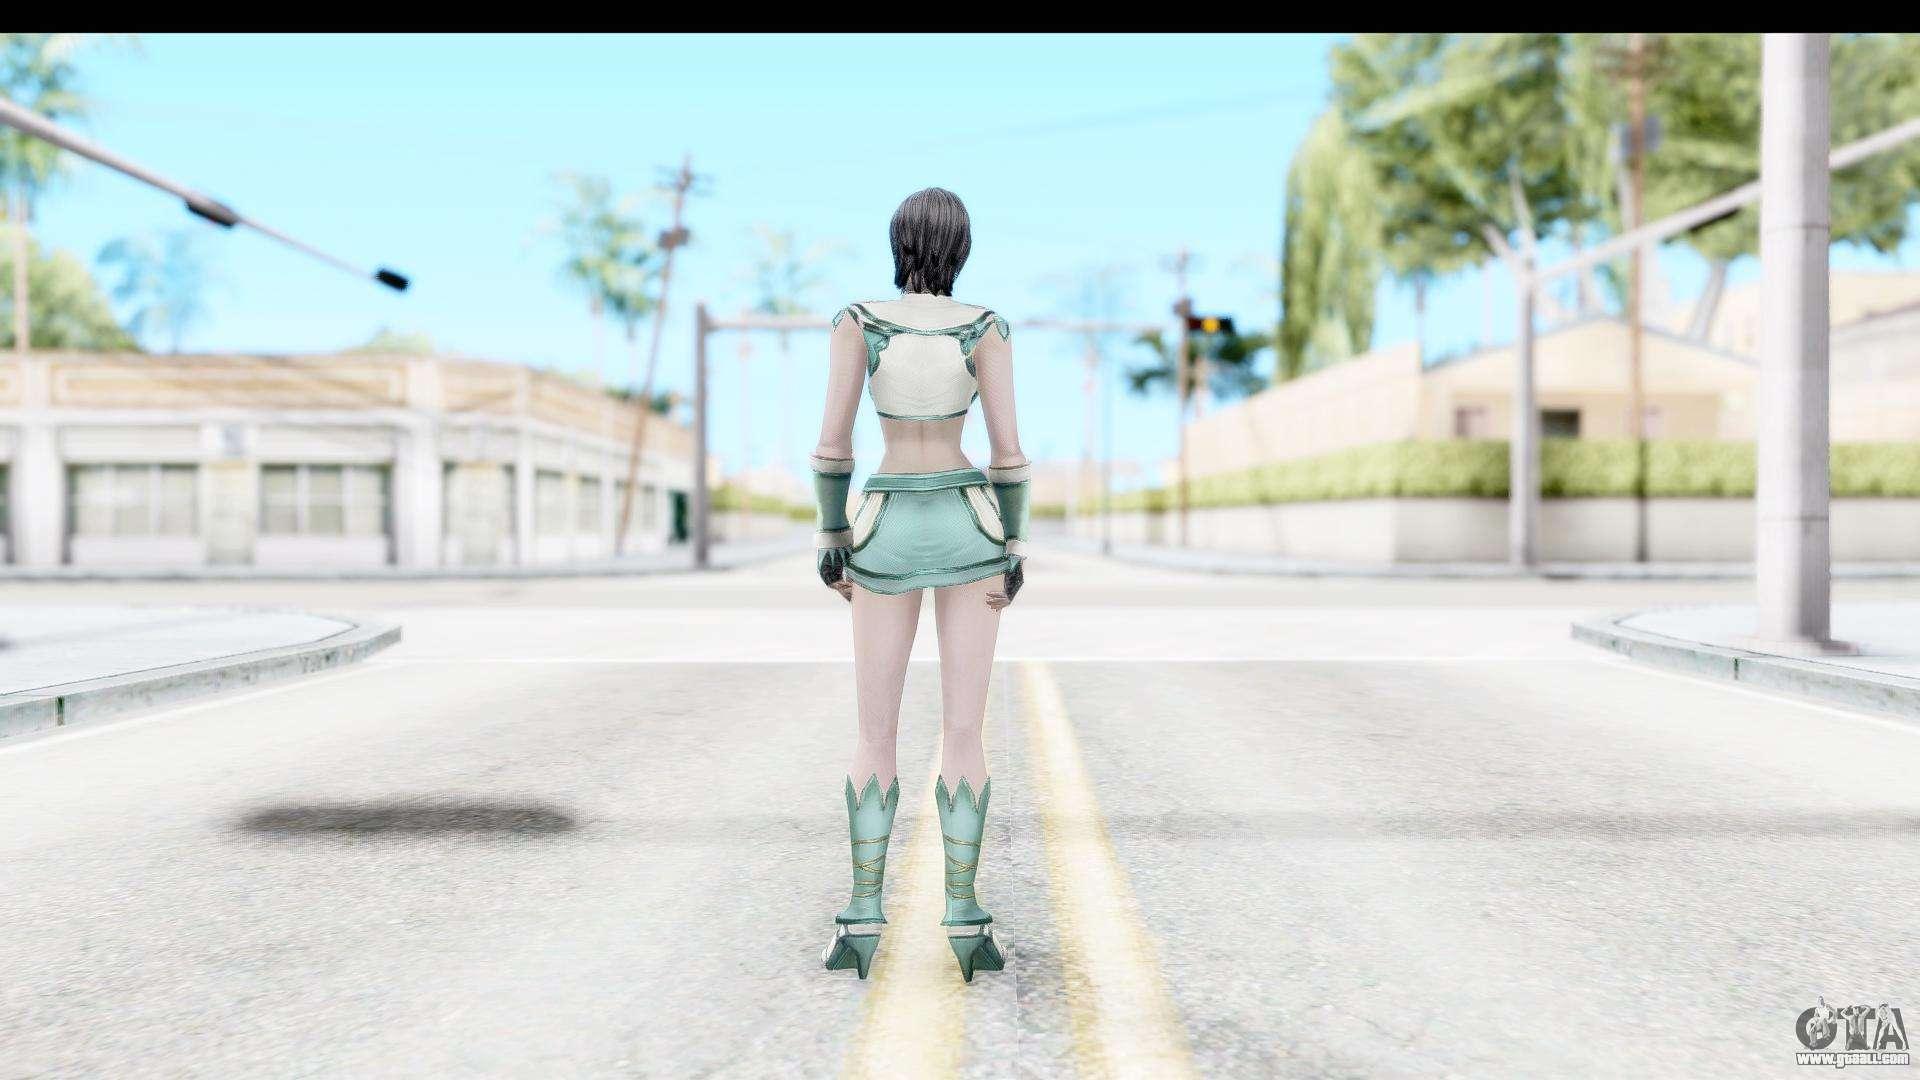 Ada Wong v1 for GTA San Andreas